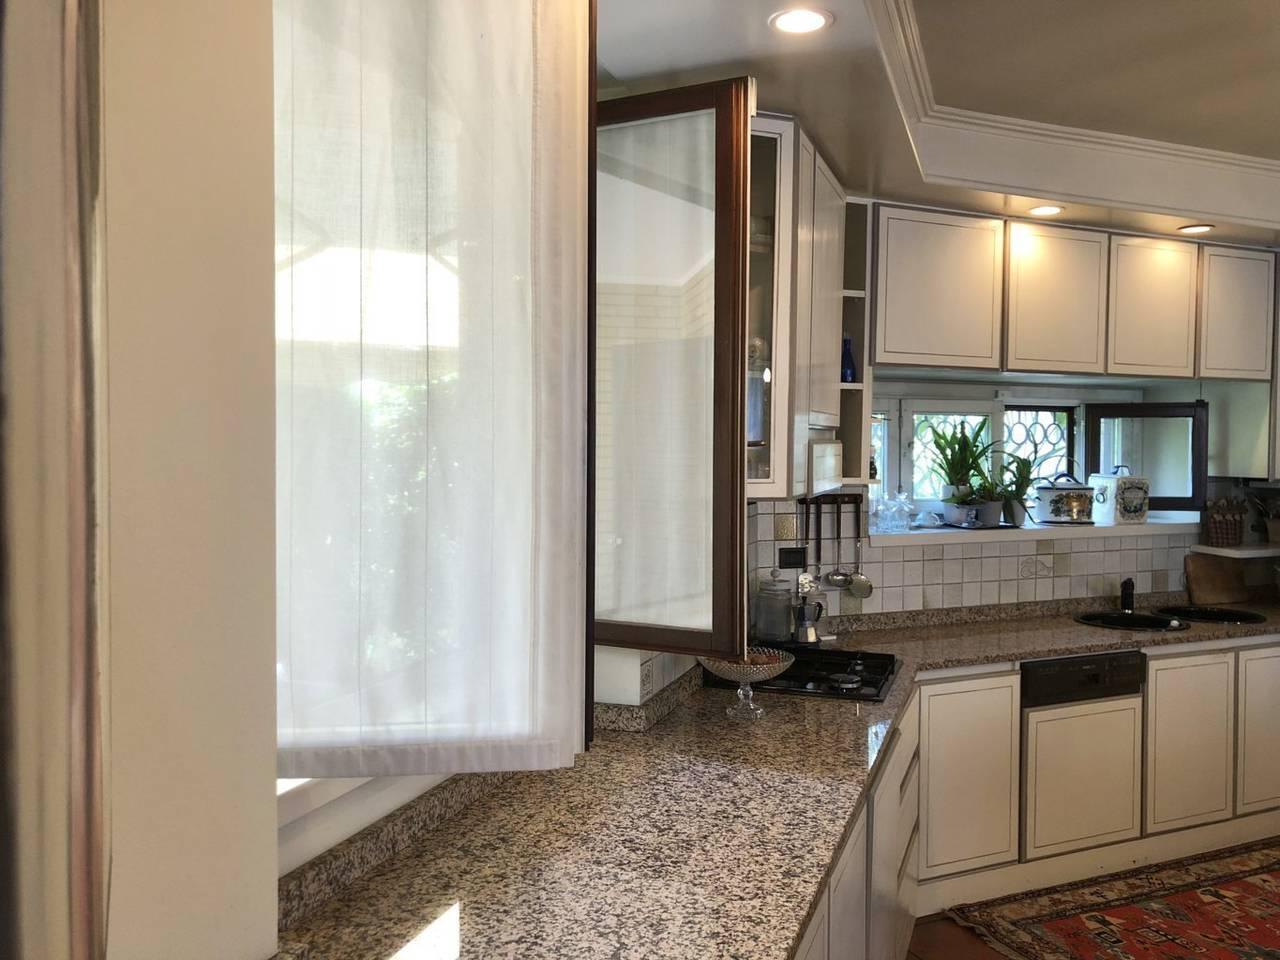 Villa-in-vendita-a-Caronno-Pertusella-40